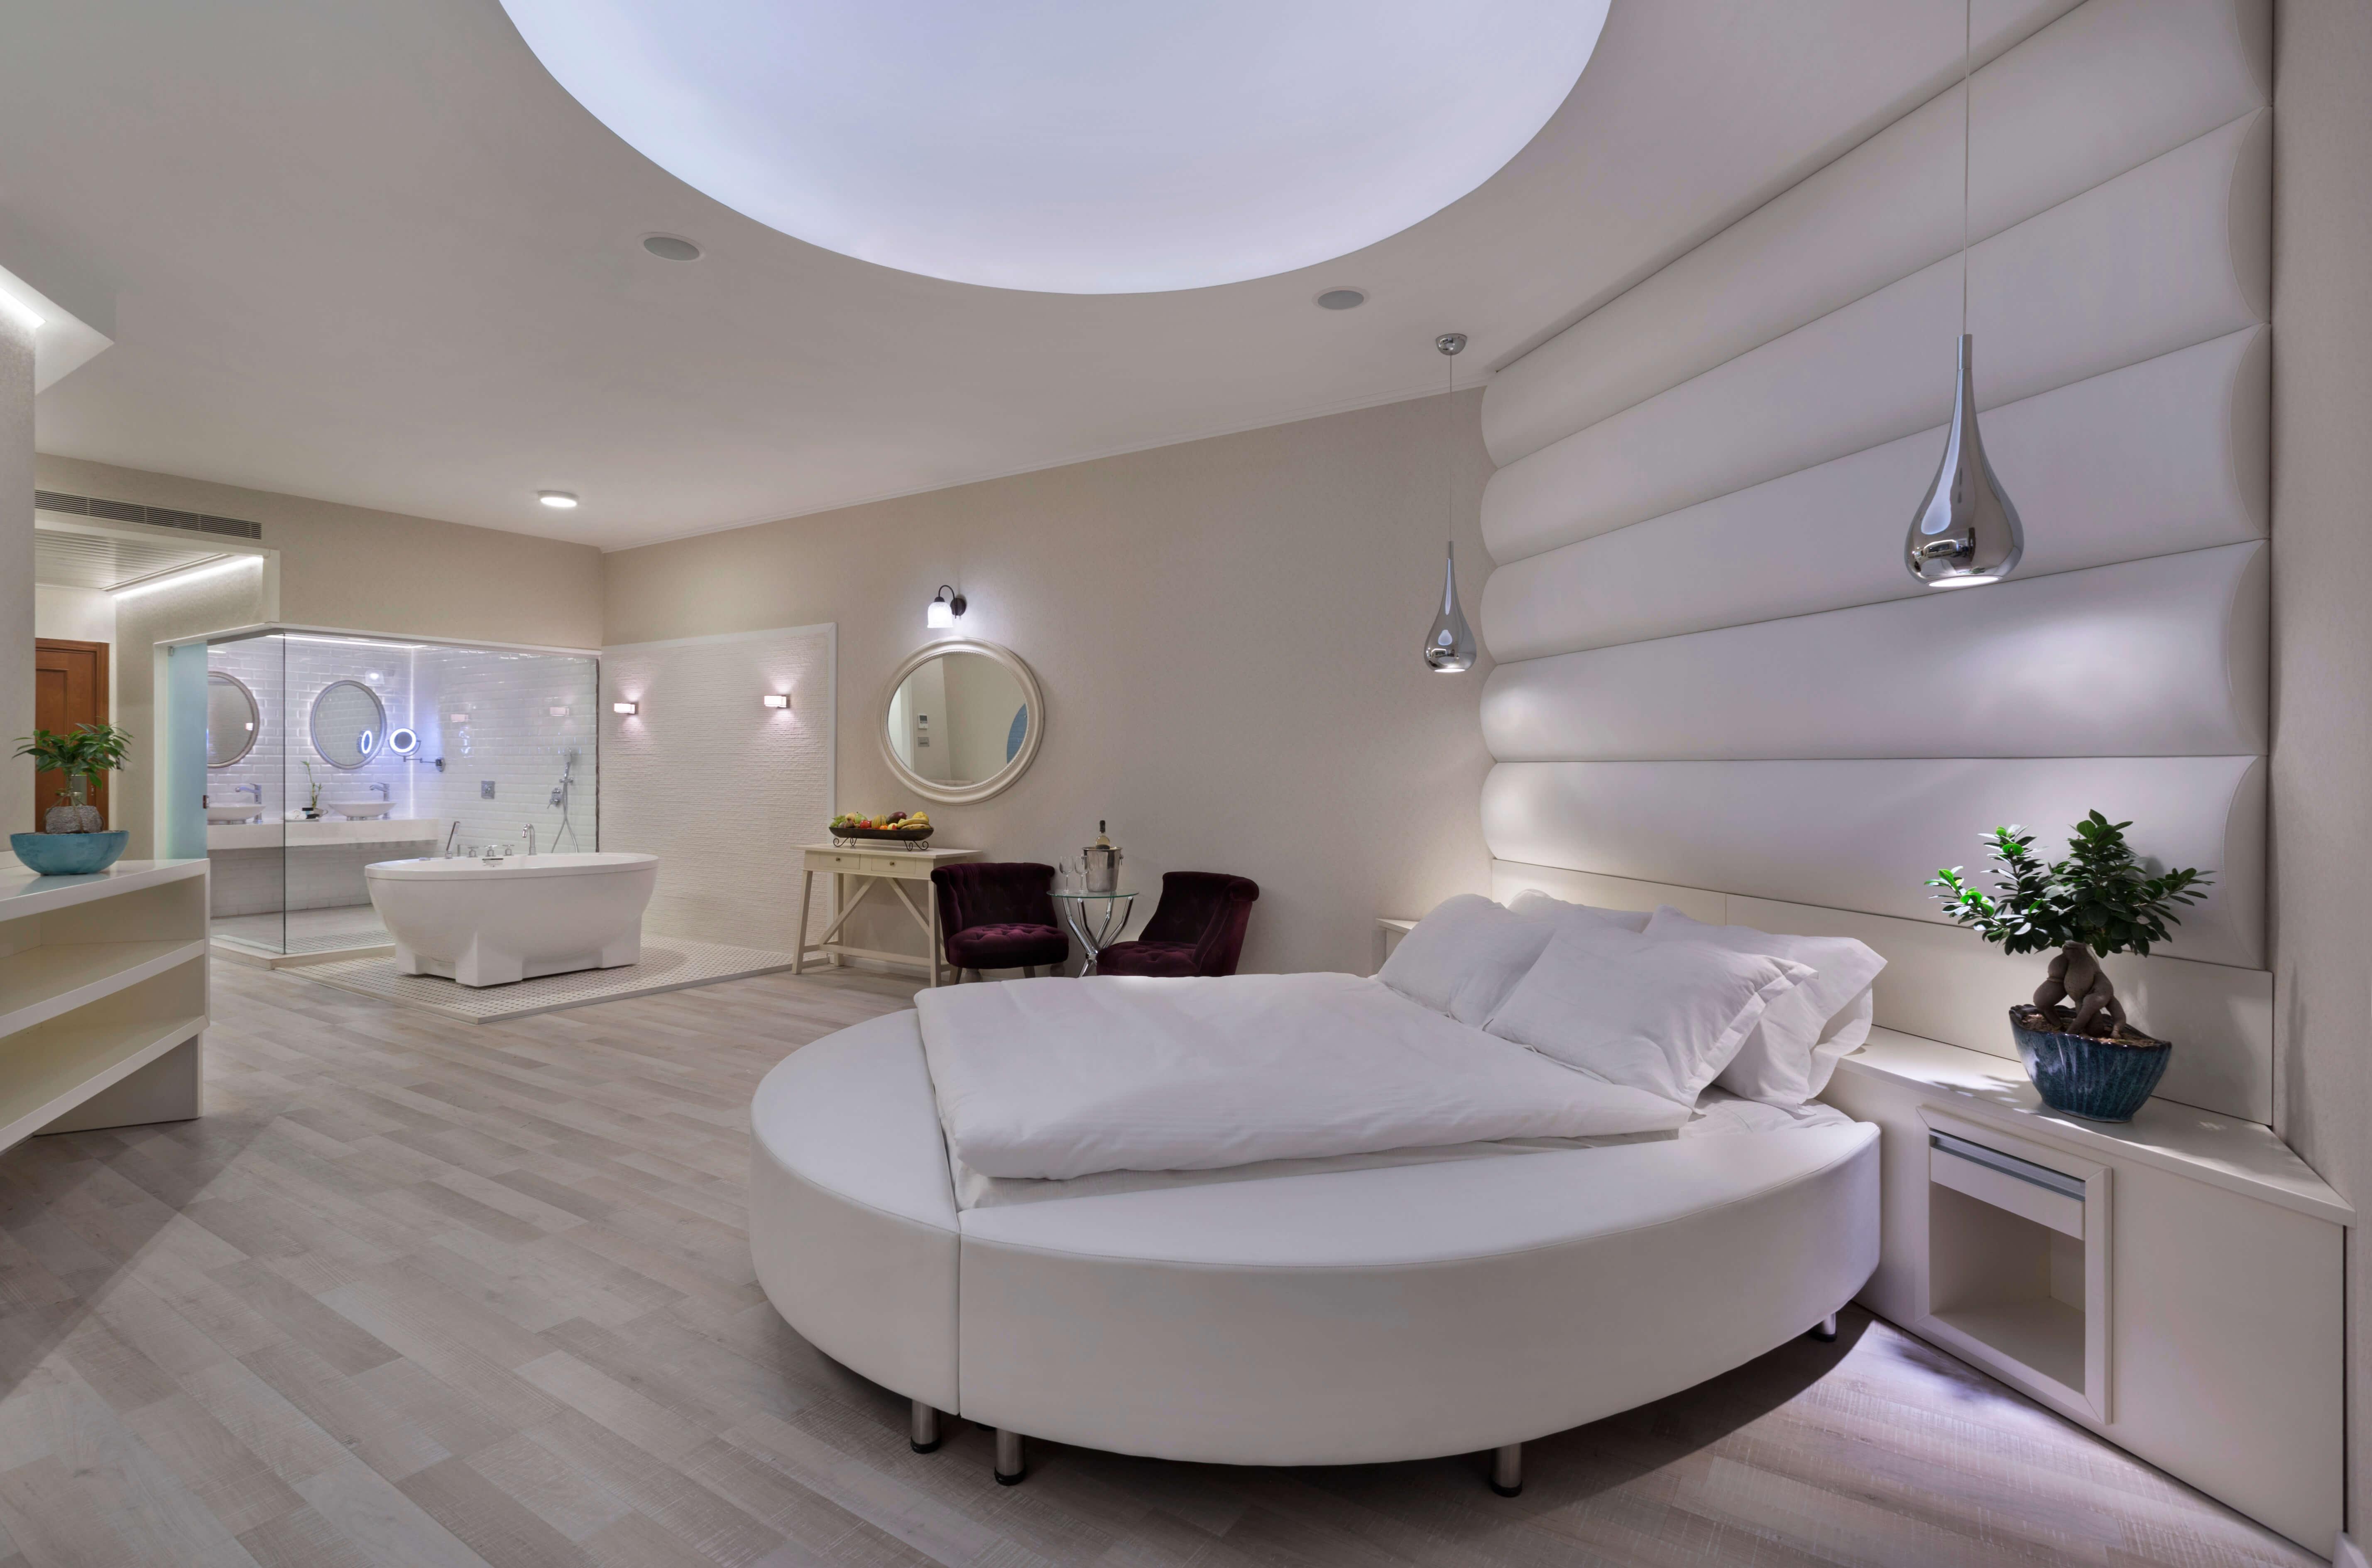 מלון הגארדן בחיפה - הסוויטה הלבנה